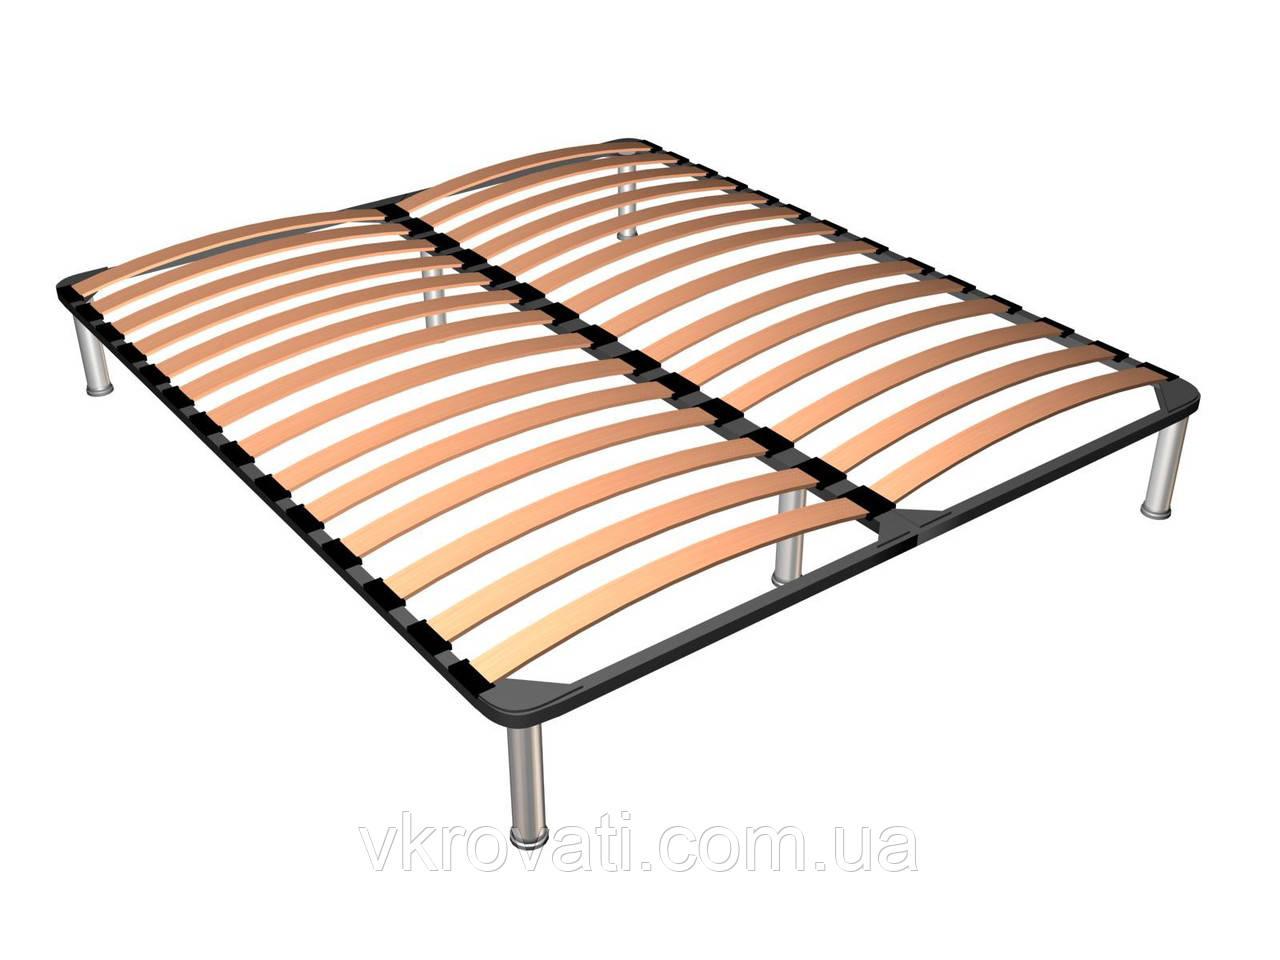 Каркас кровати 200*200 стандартный с ножками